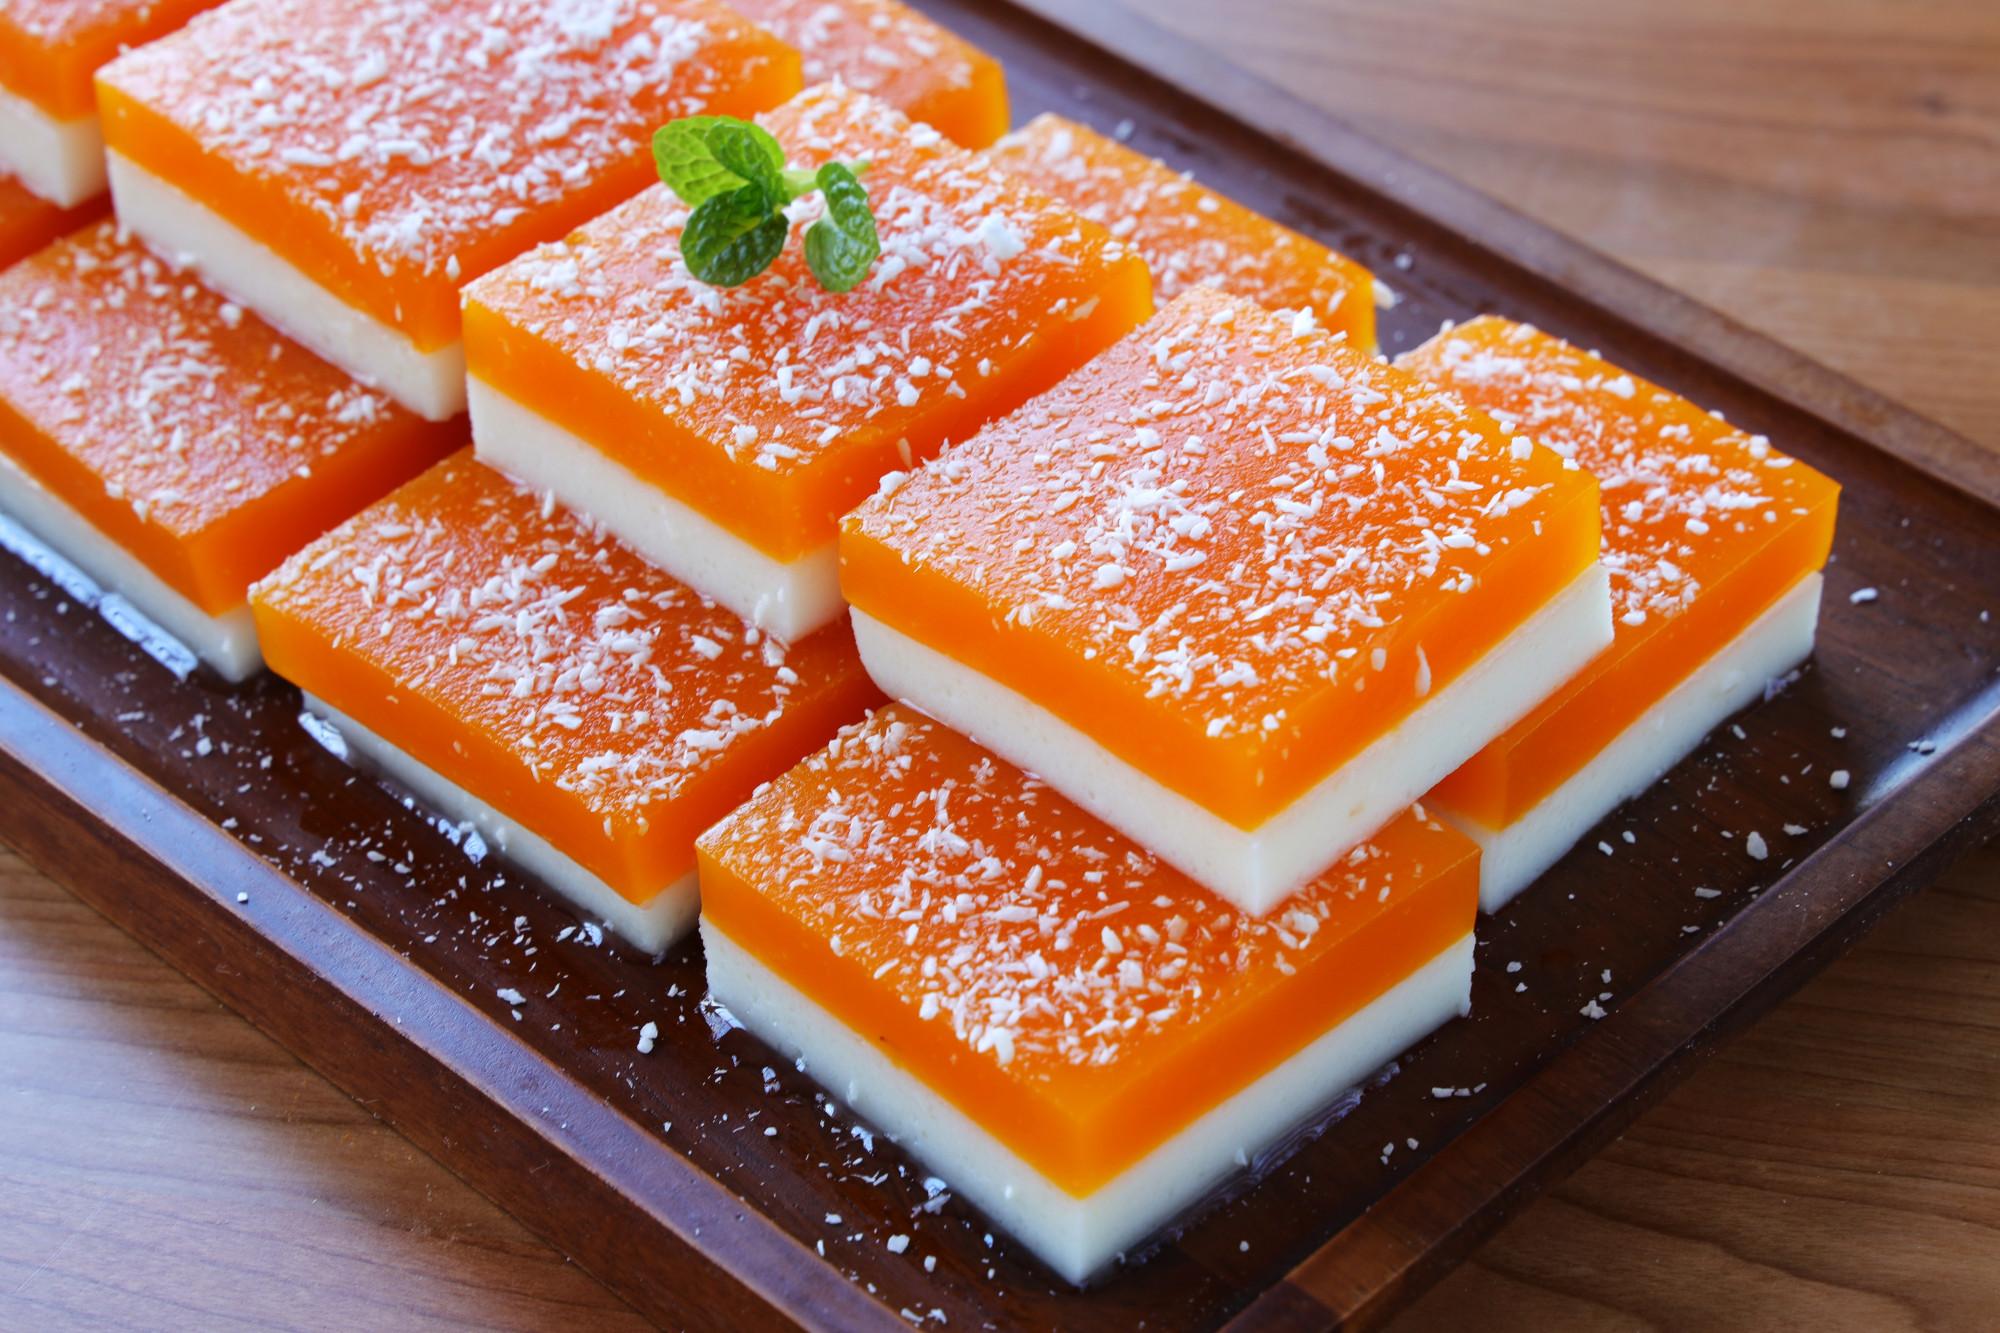 颜值超高的一道甜点,用南瓜和山药就能做,食材简单,做法0难度